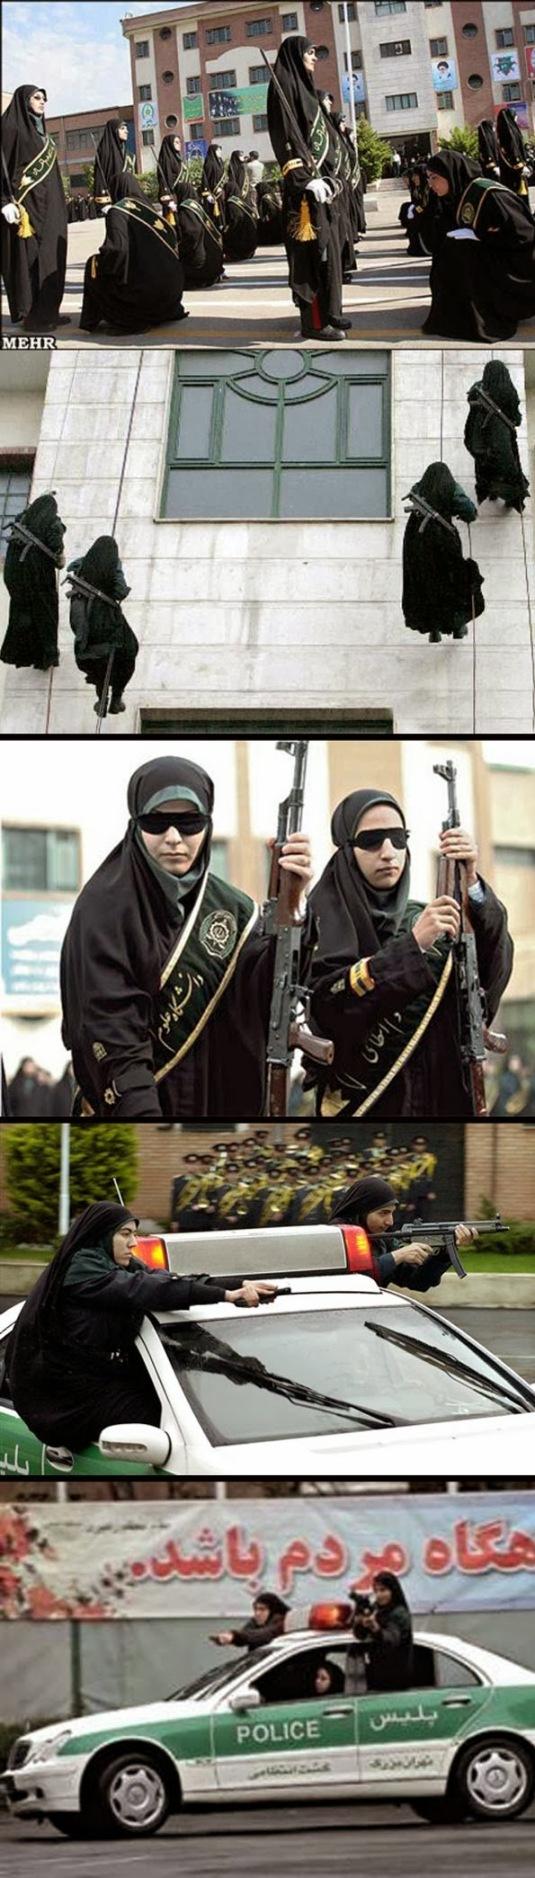 mengintip-aksi-polisi-wanita-irak-berjubah-saat-latihan-tembak-001-nfi_03